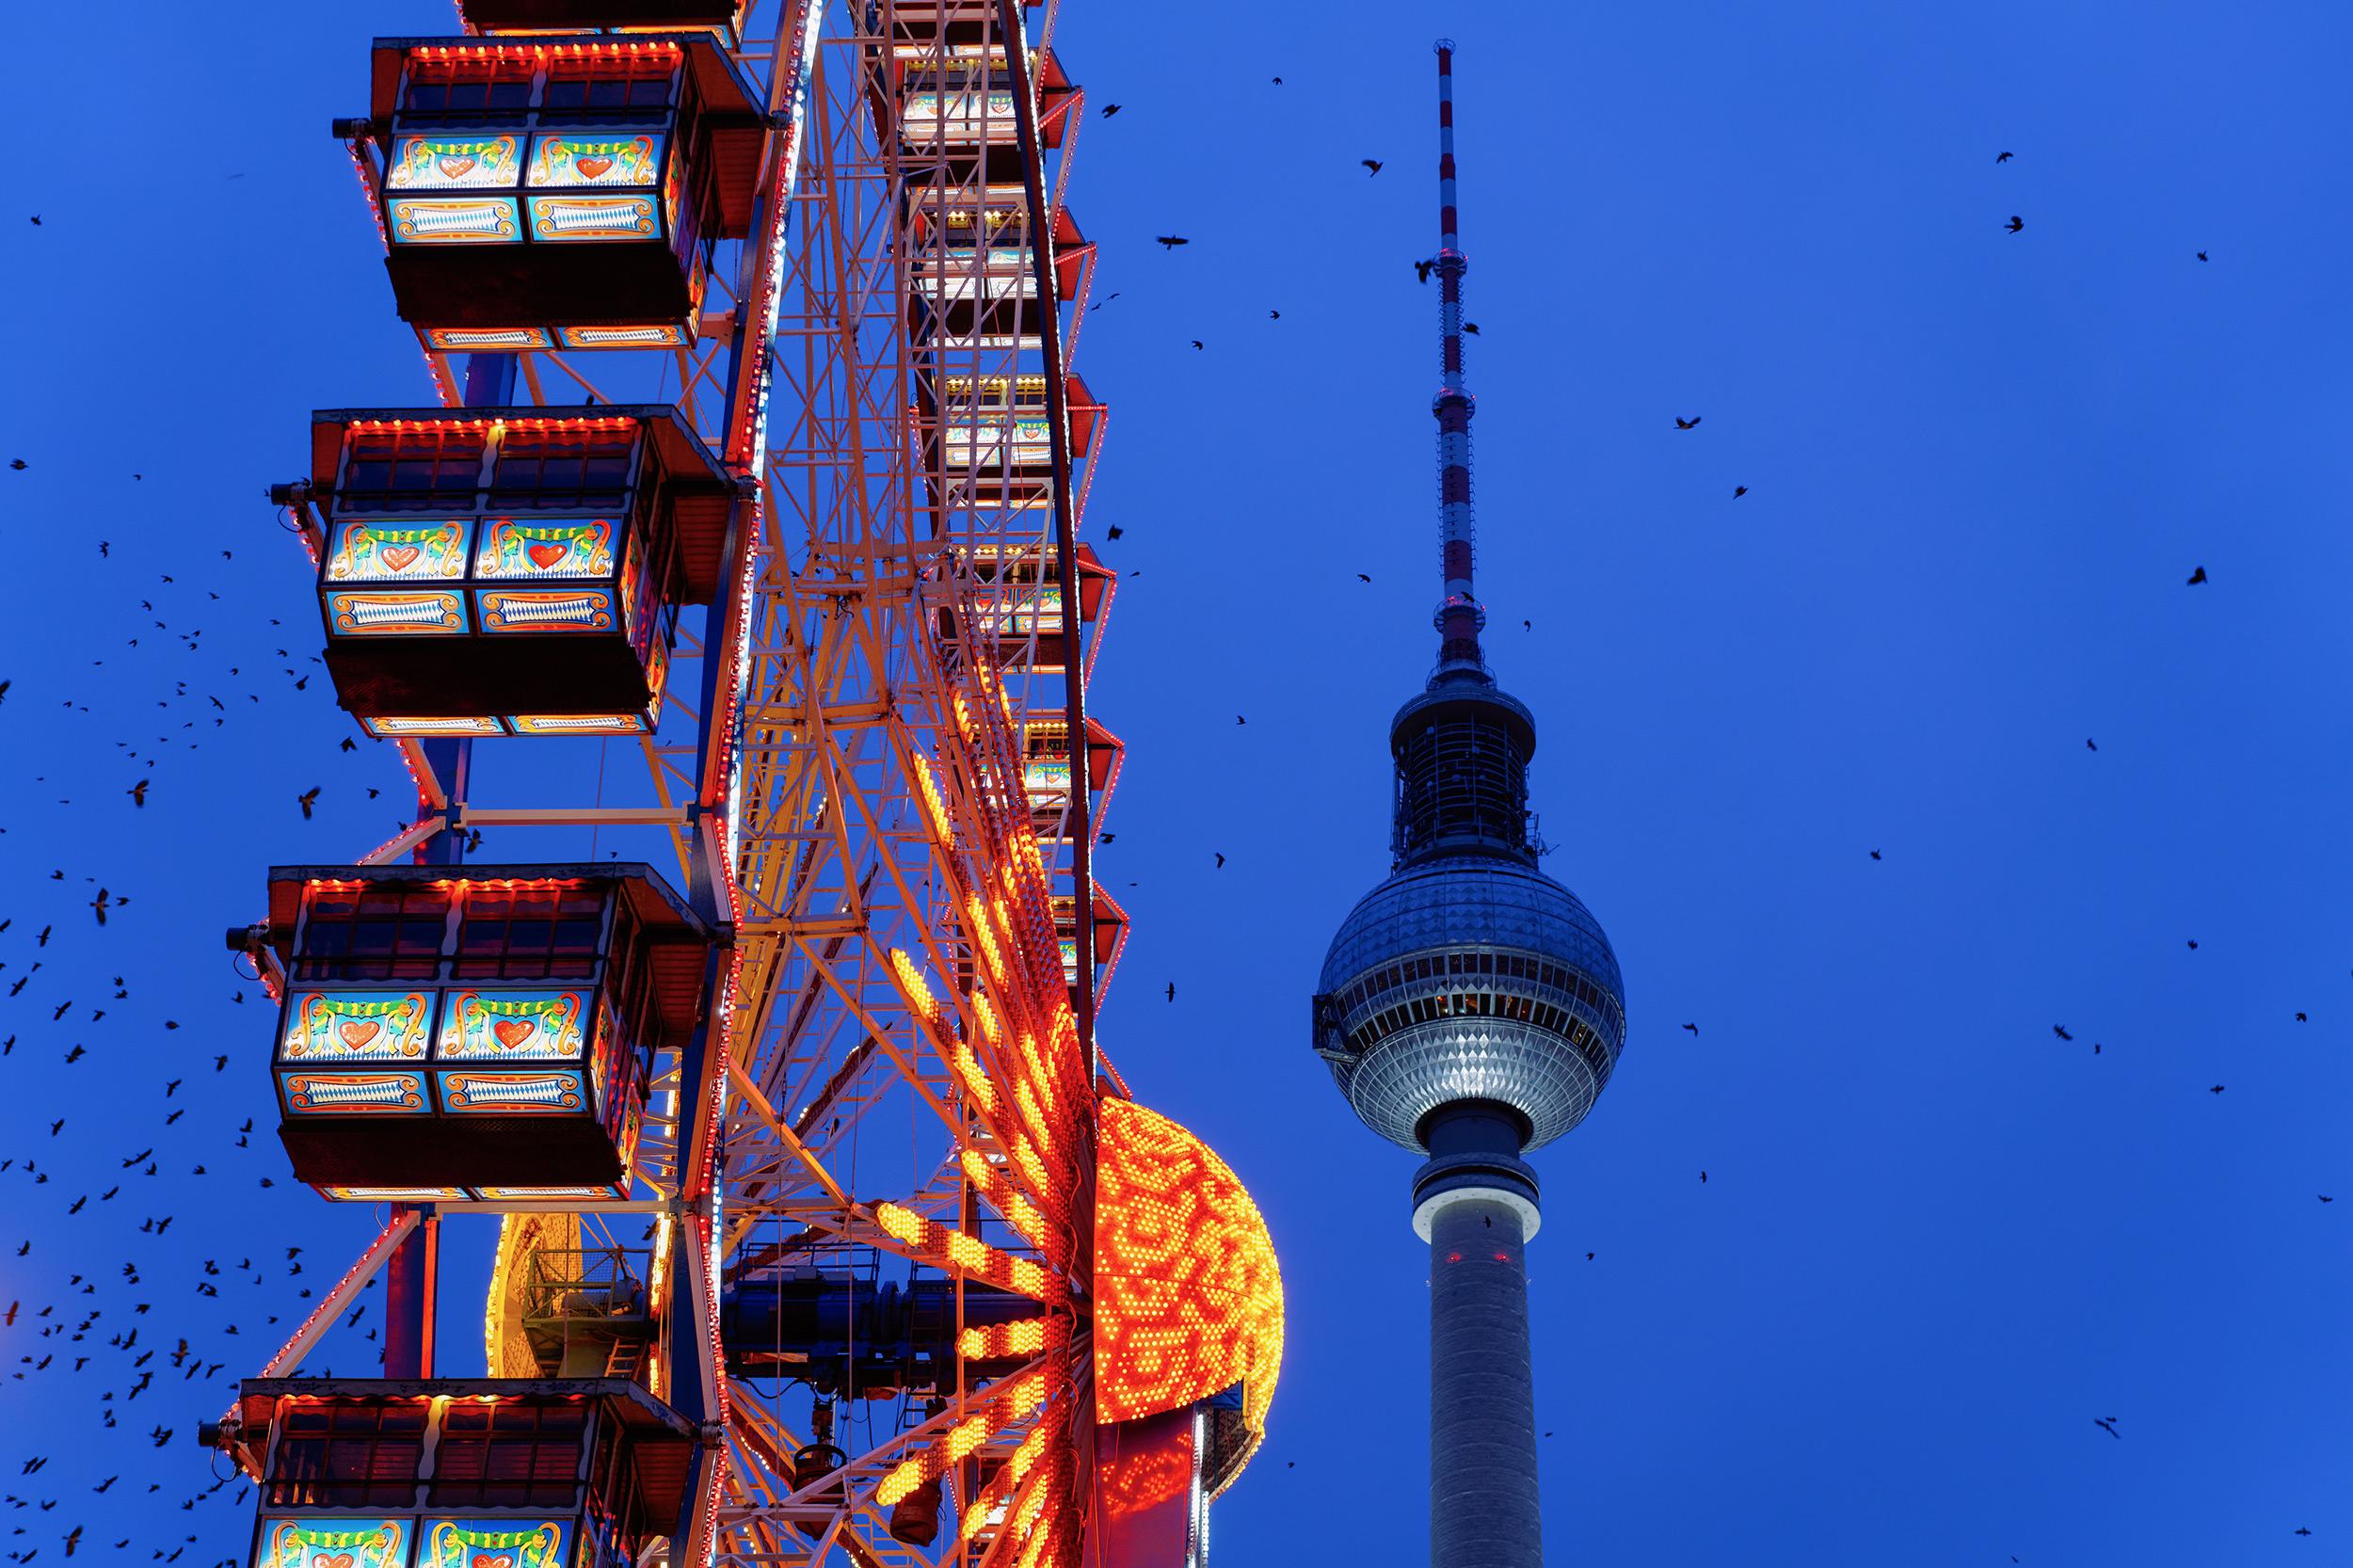 Weihnachtsmarkt Berlin Beginn.Top 5 Die Schönsten Weihnachtsmärkte In Berlin Urlaubstracker De